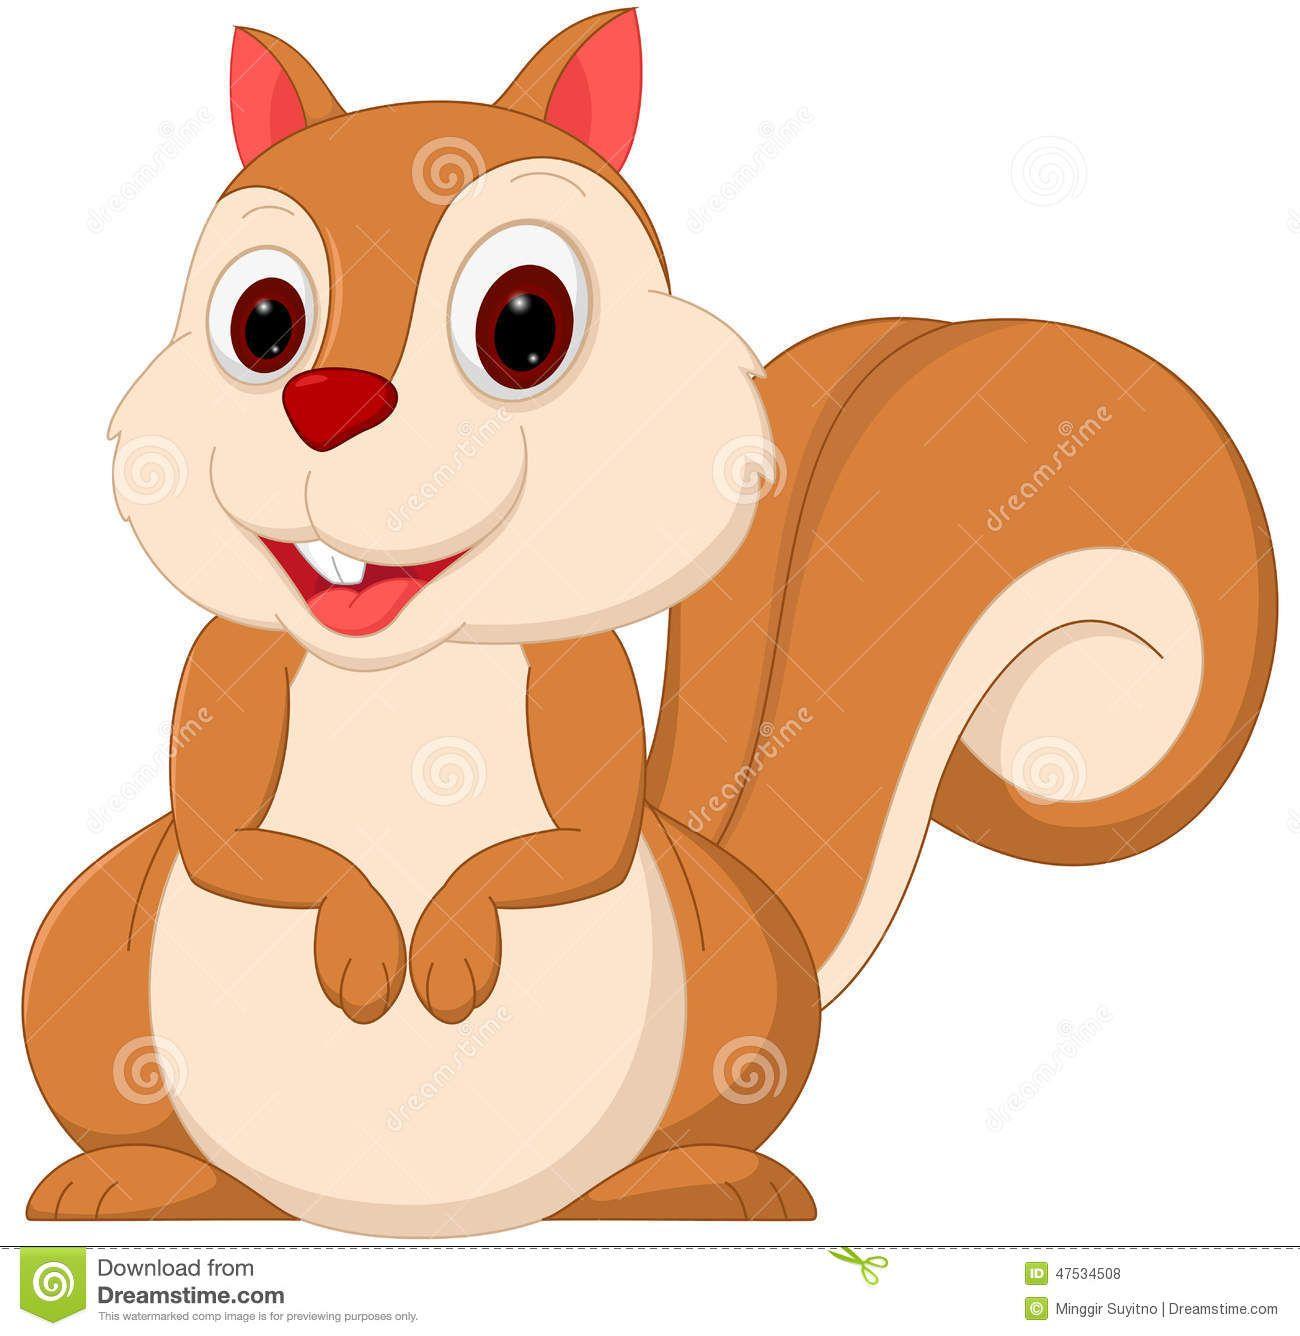 R sultat de recherche d 39 images pour ecureuil dessin oeufs pinterest cureuil dessin et - Coloriage d ecureuil ...